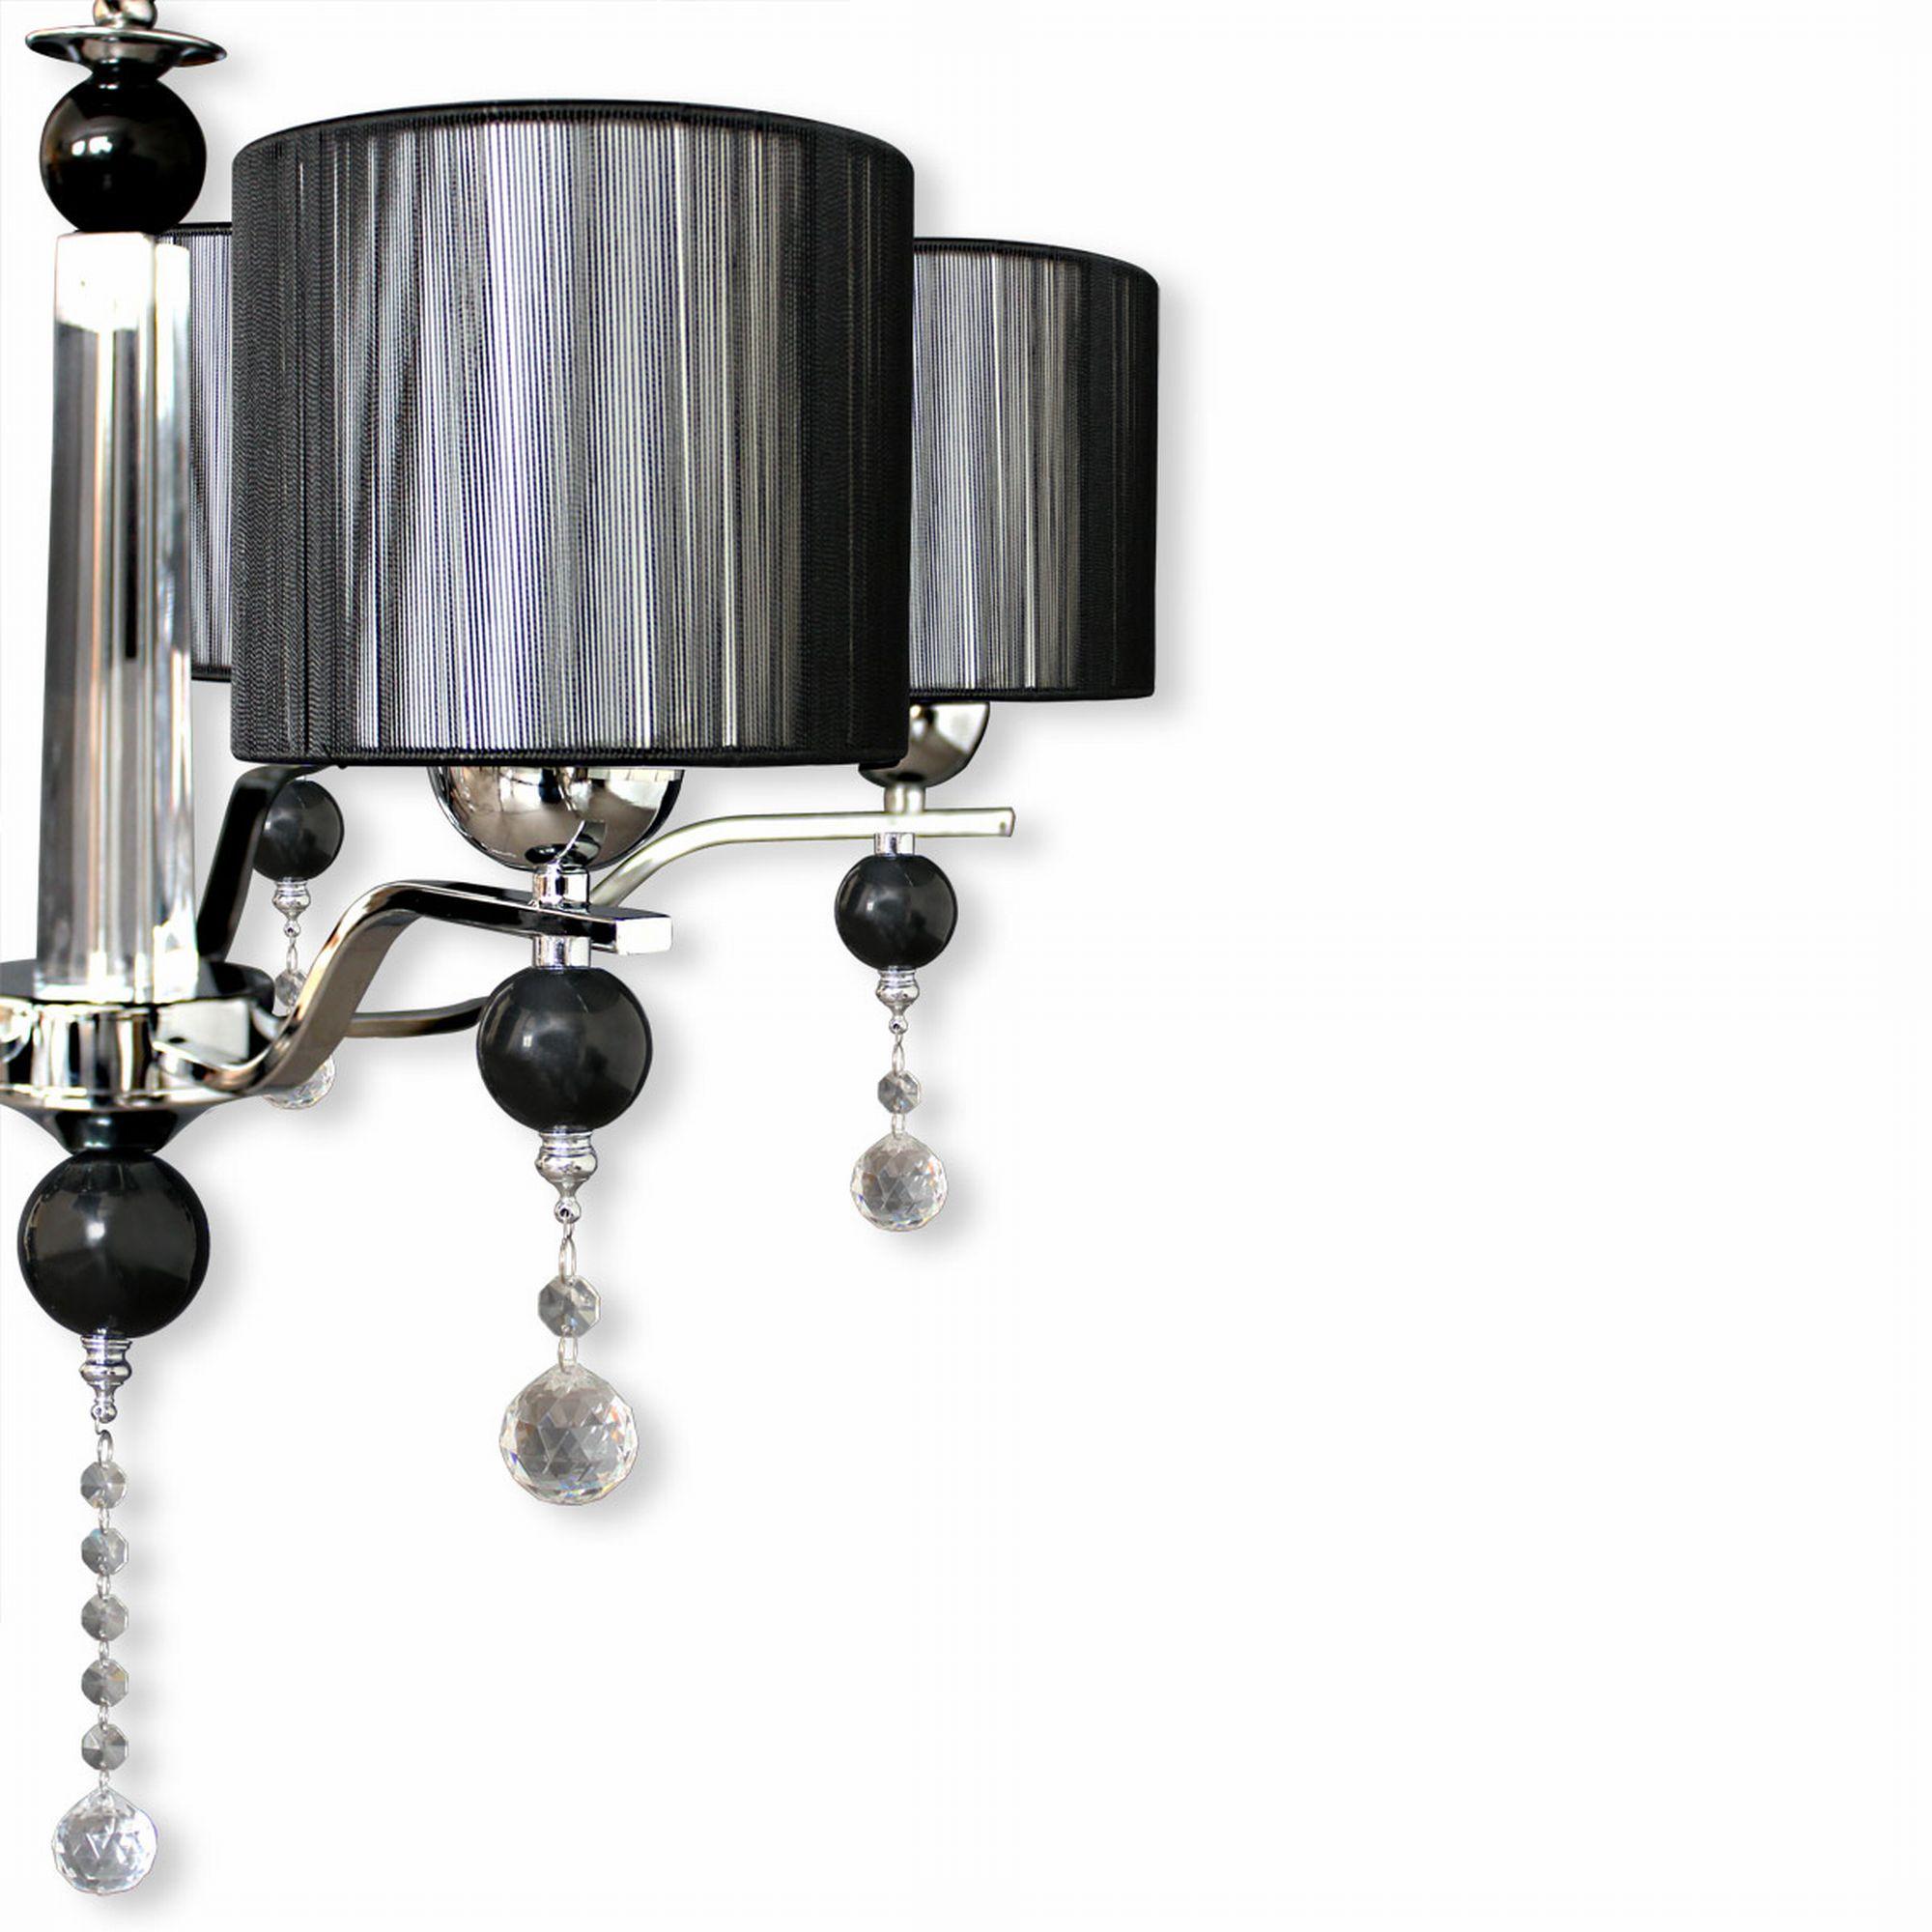 lux pro kronleuchter l ster deckenleuchte h ngeleuchte. Black Bedroom Furniture Sets. Home Design Ideas